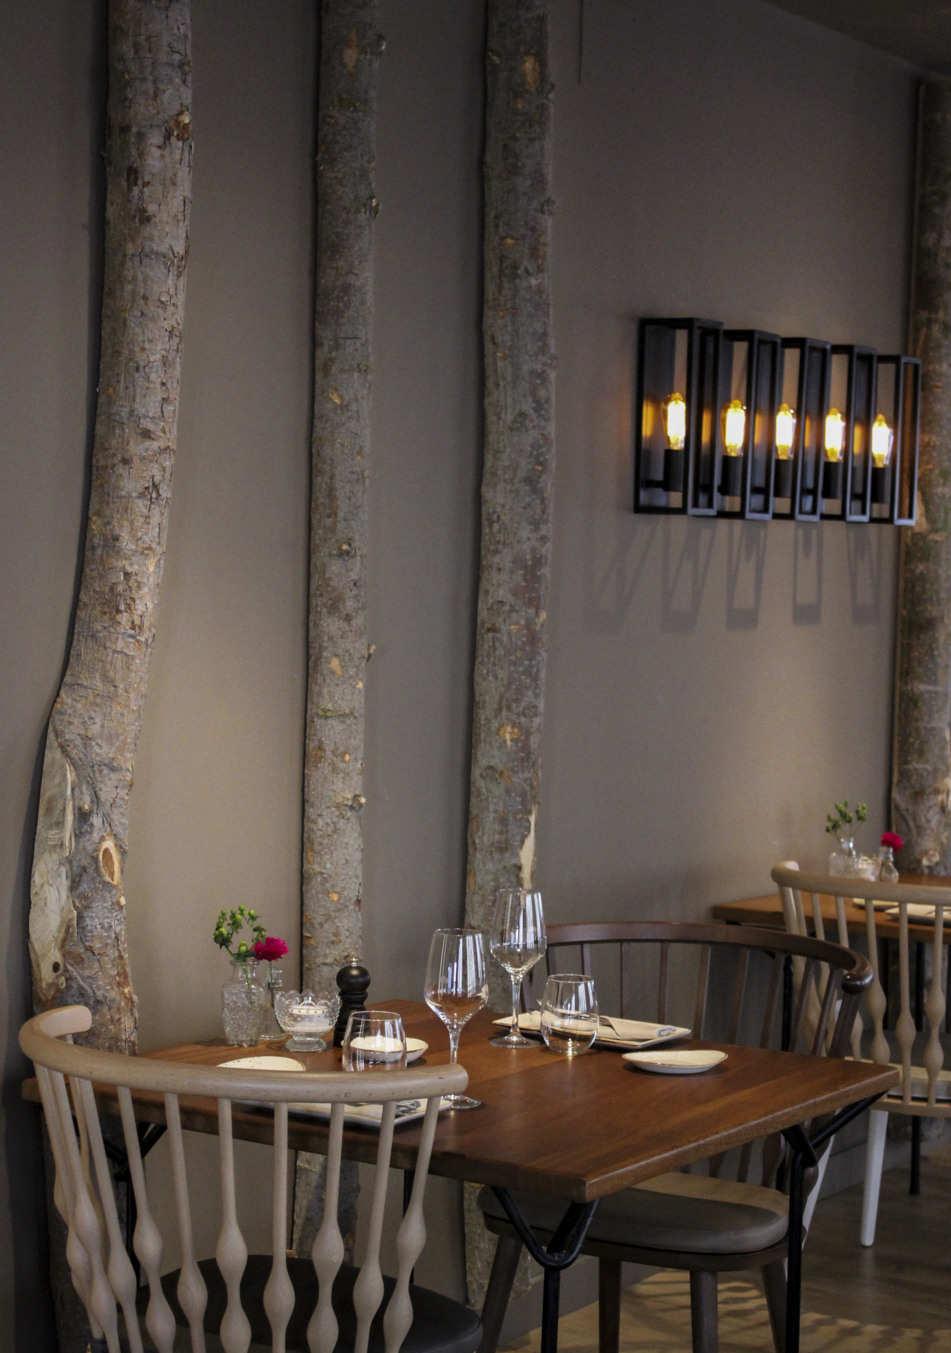 Mesa cuadrada restaurante estilo vintage